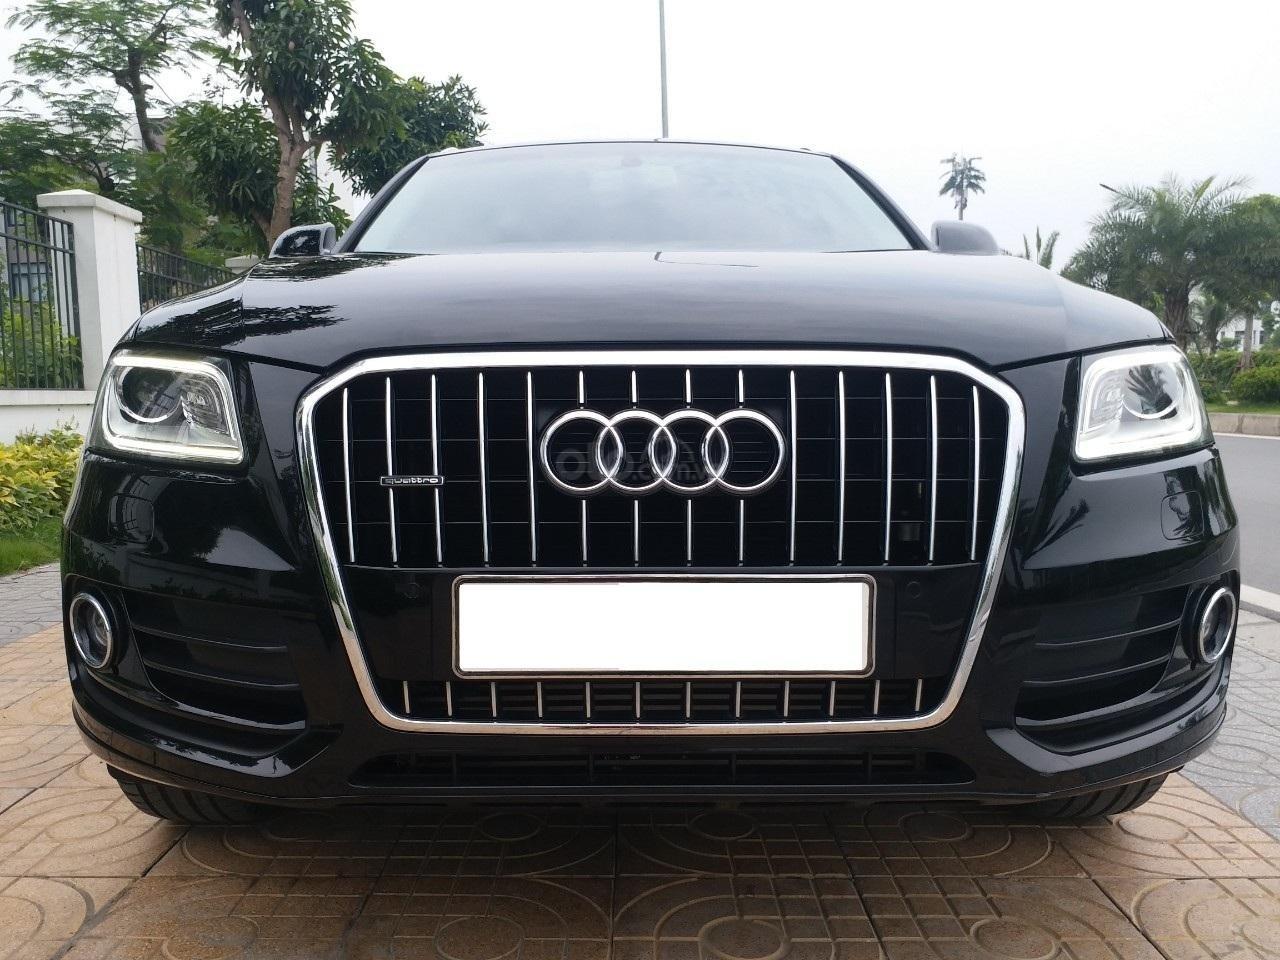 Bán Audi Q5 2.0 TFSI màu đen/ nâu, sản xuất cuối 2015 nhập Đức, đăng ký 2016 tên tư nhân (1)